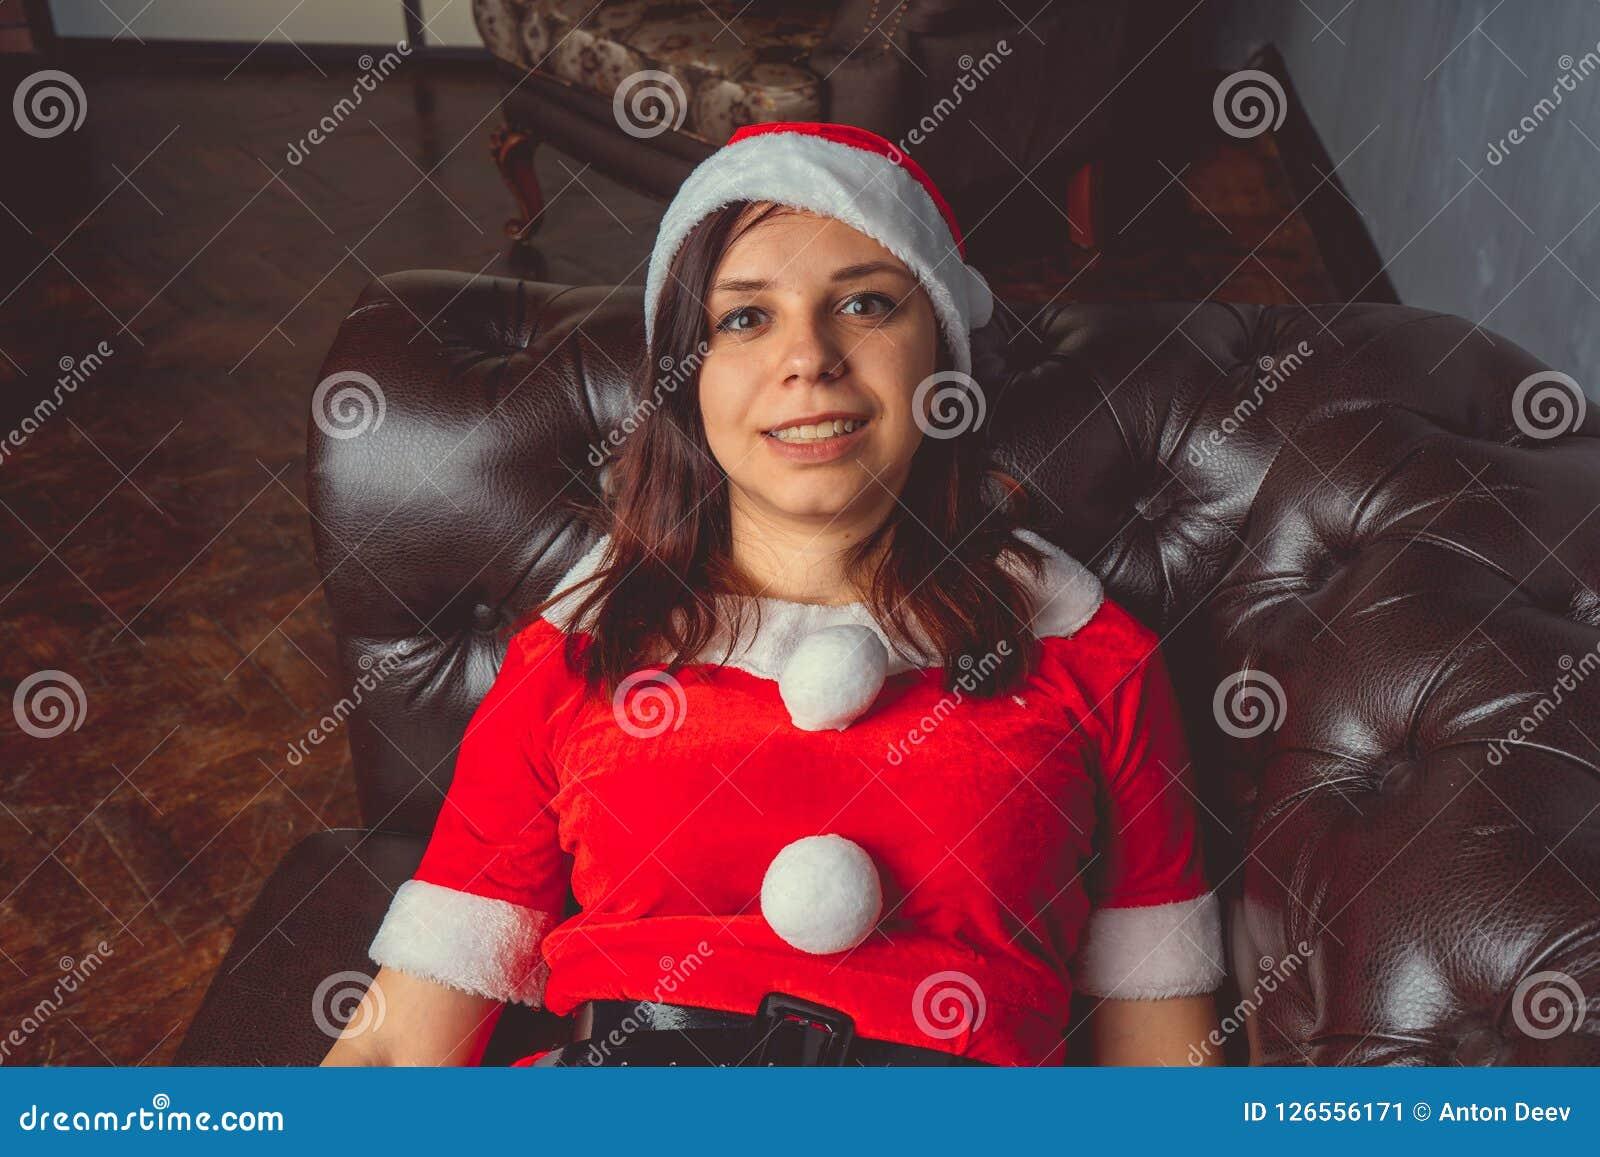 Muchacha linda vestida como Santa Claus ¡Feliz Año Nuevo y Feliz Navidad!